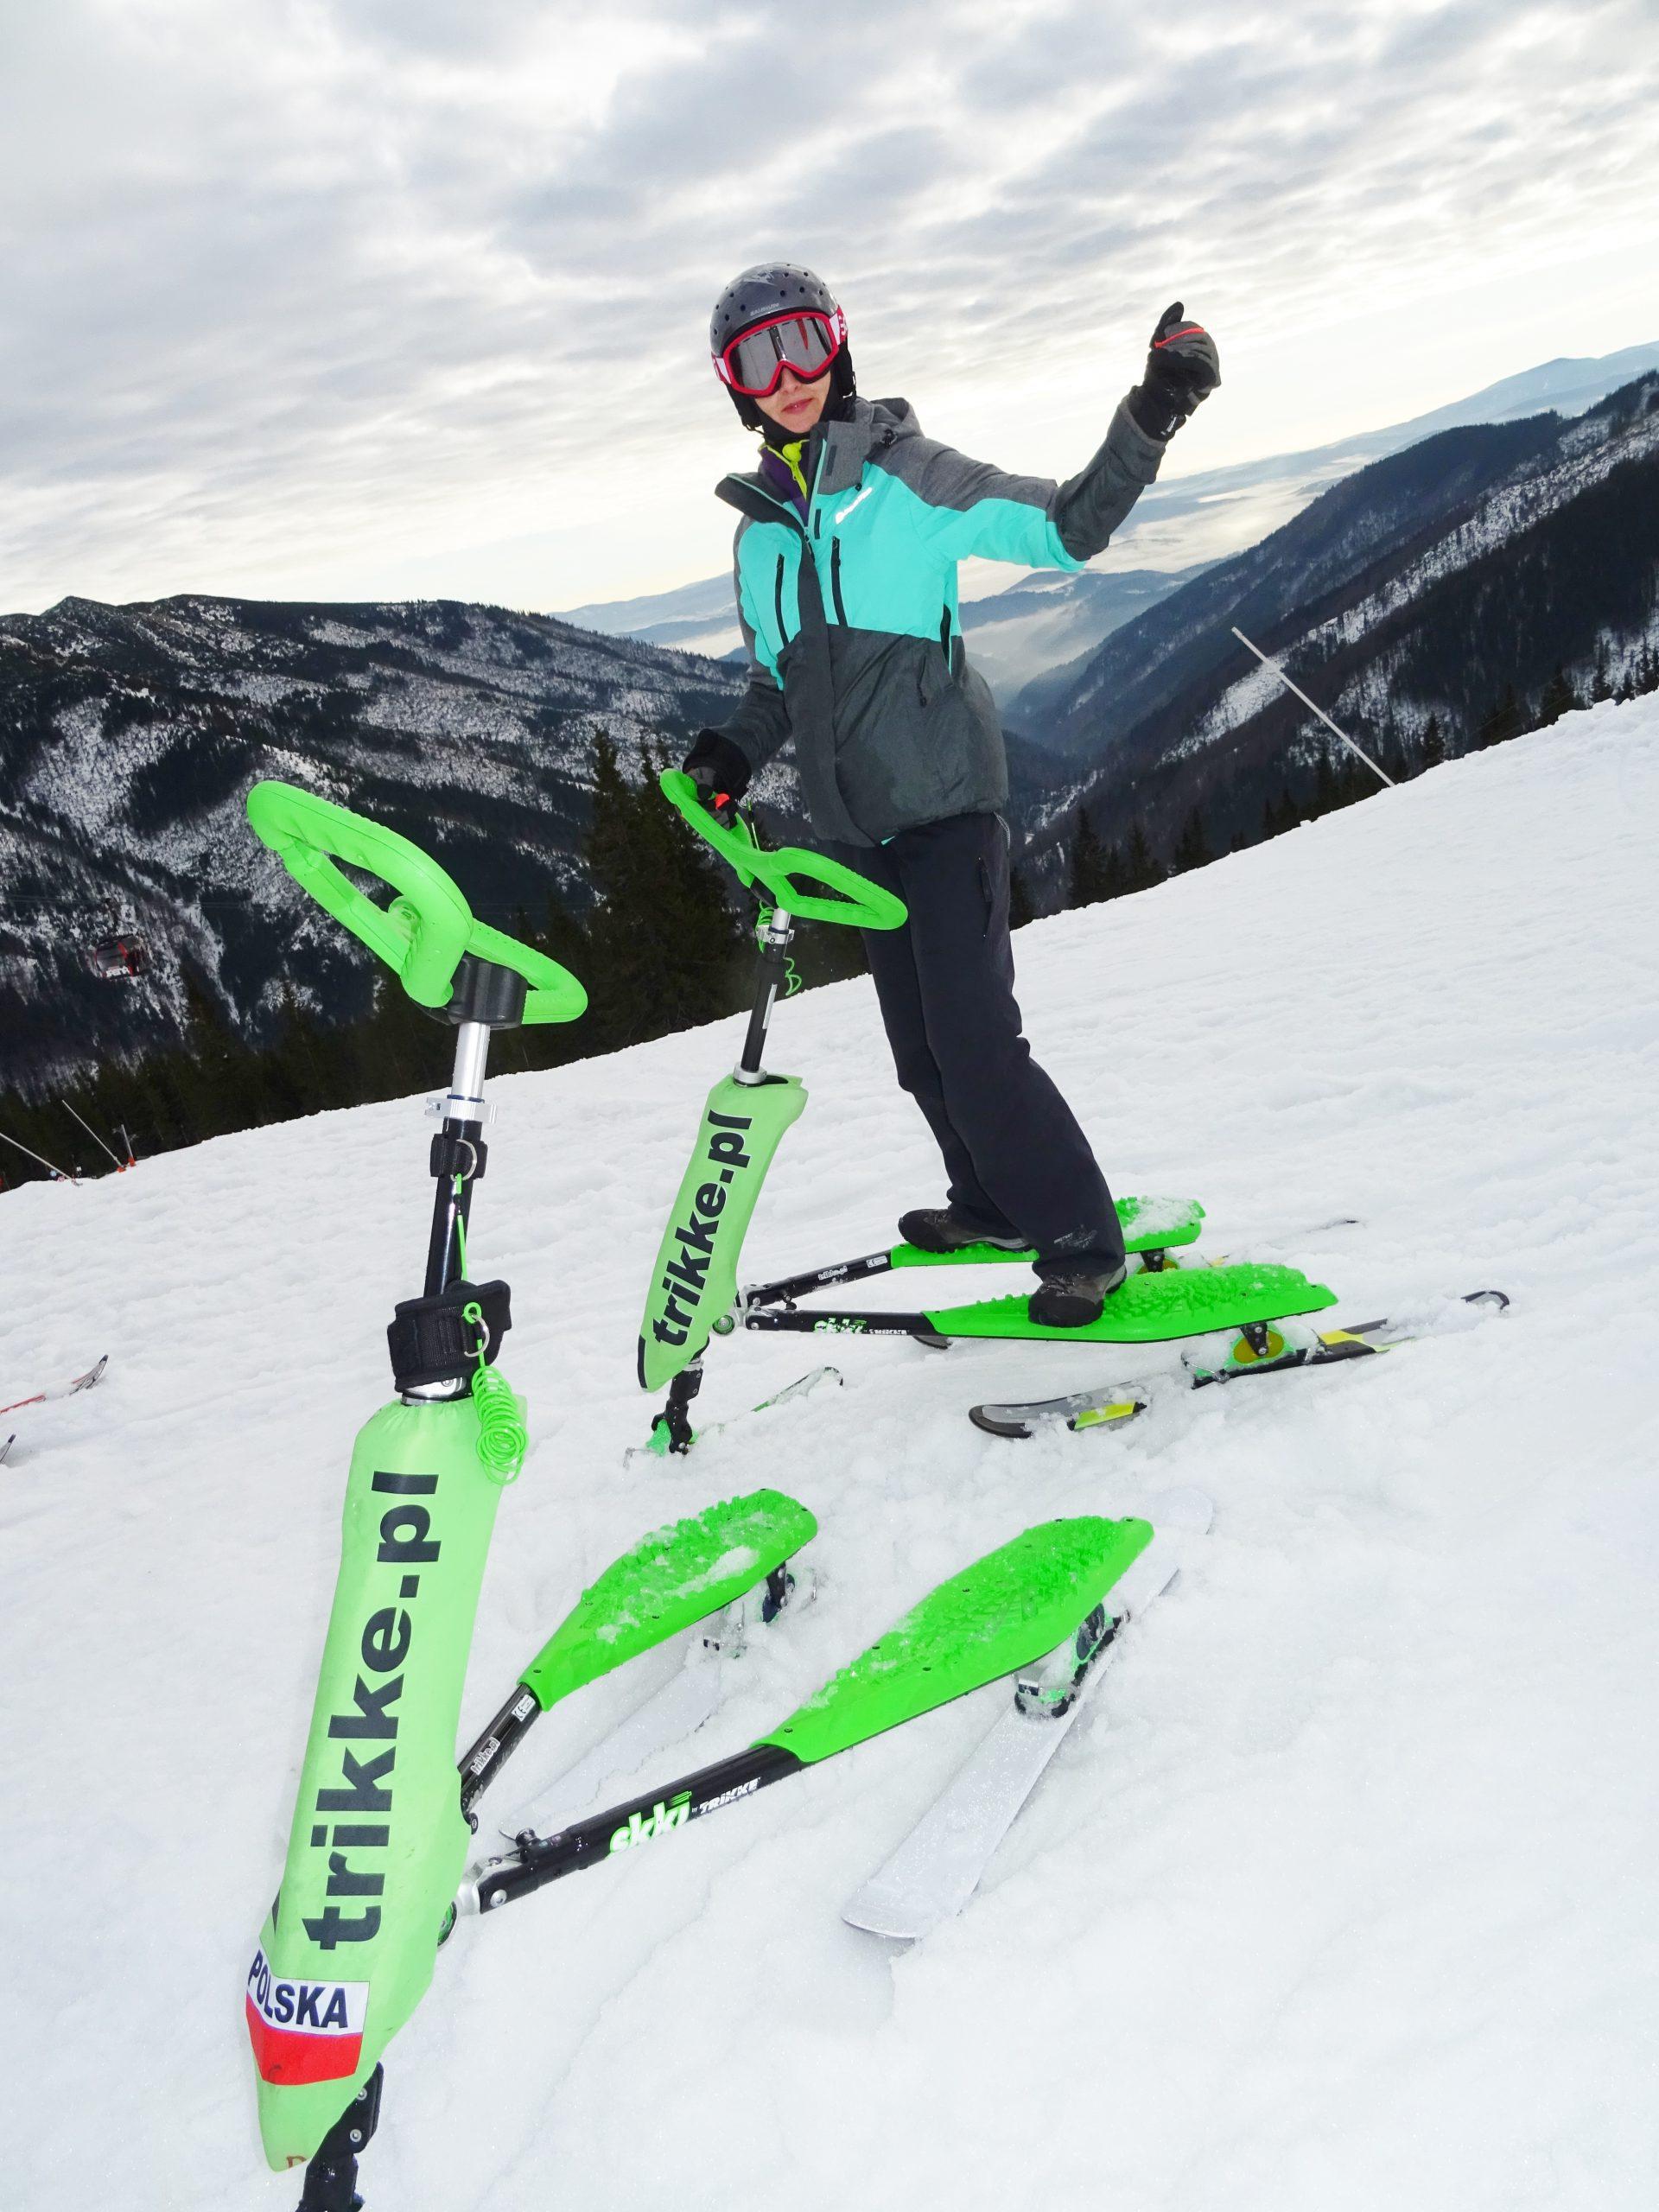 Dlaczego nie bolą kolana w narciarstwie Skki Trikke? Wyjaśnienie, informacje.